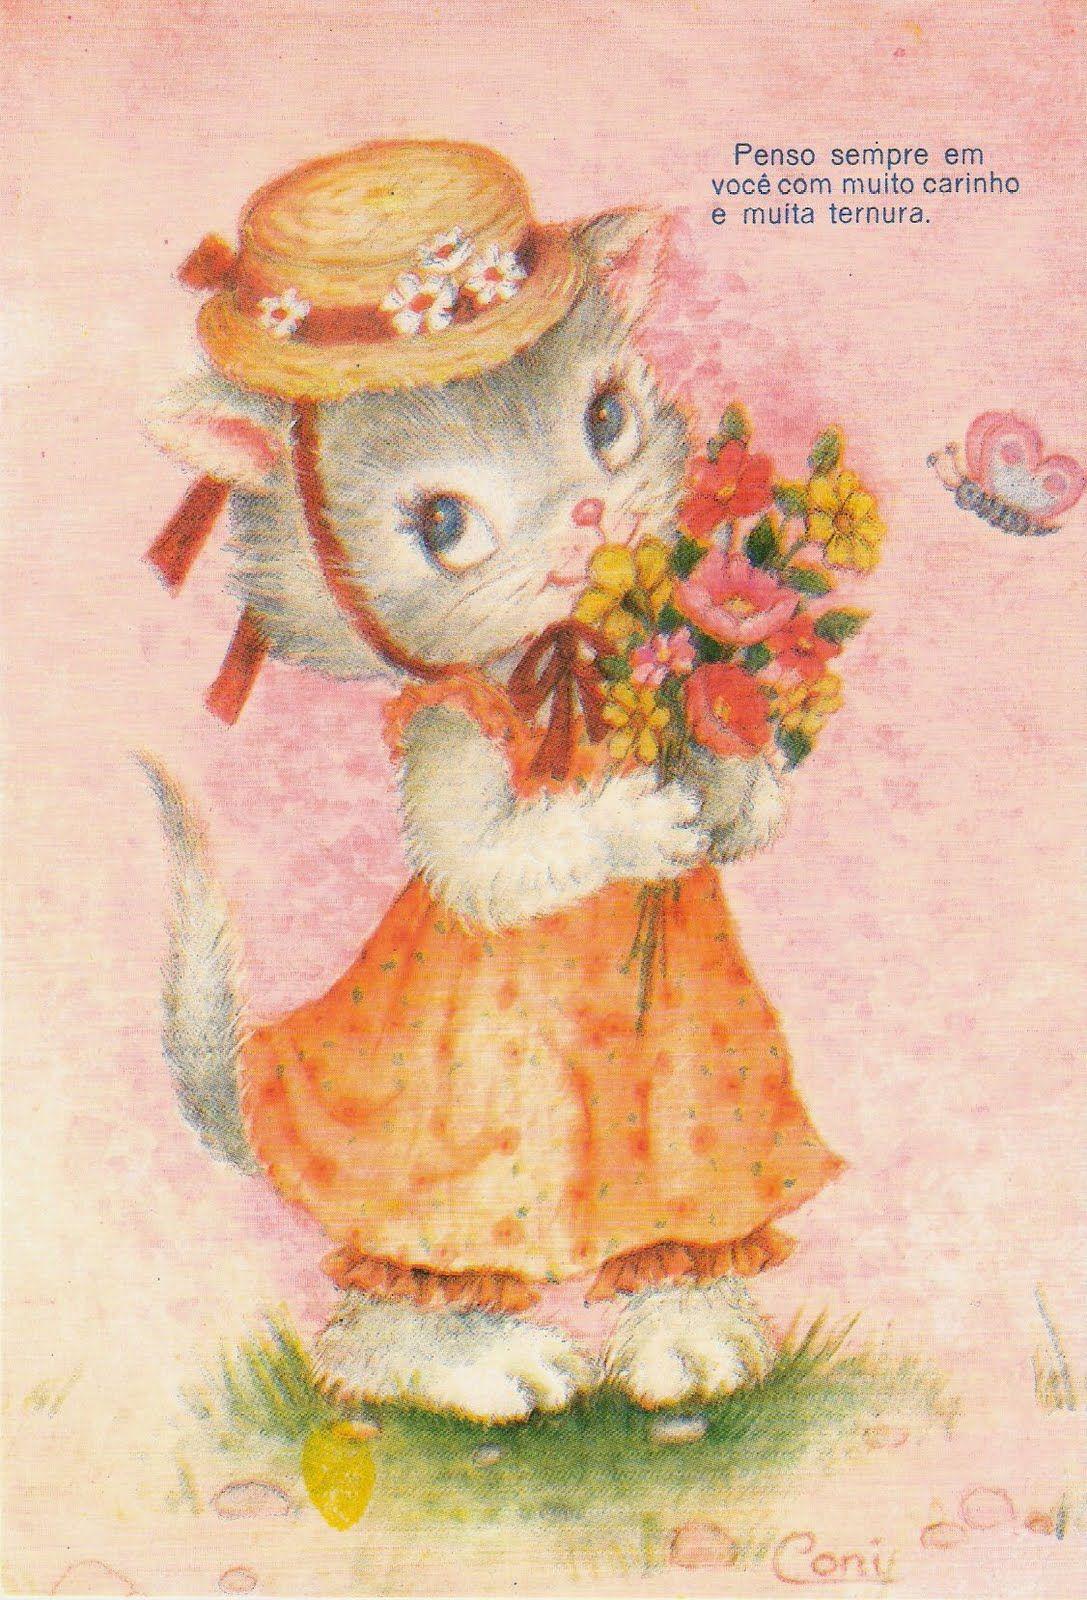 """#papeldecarta #carinho #ternura #kitten """"Penso sempre em você com muito carinho e muita ternura"""" #vintage"""